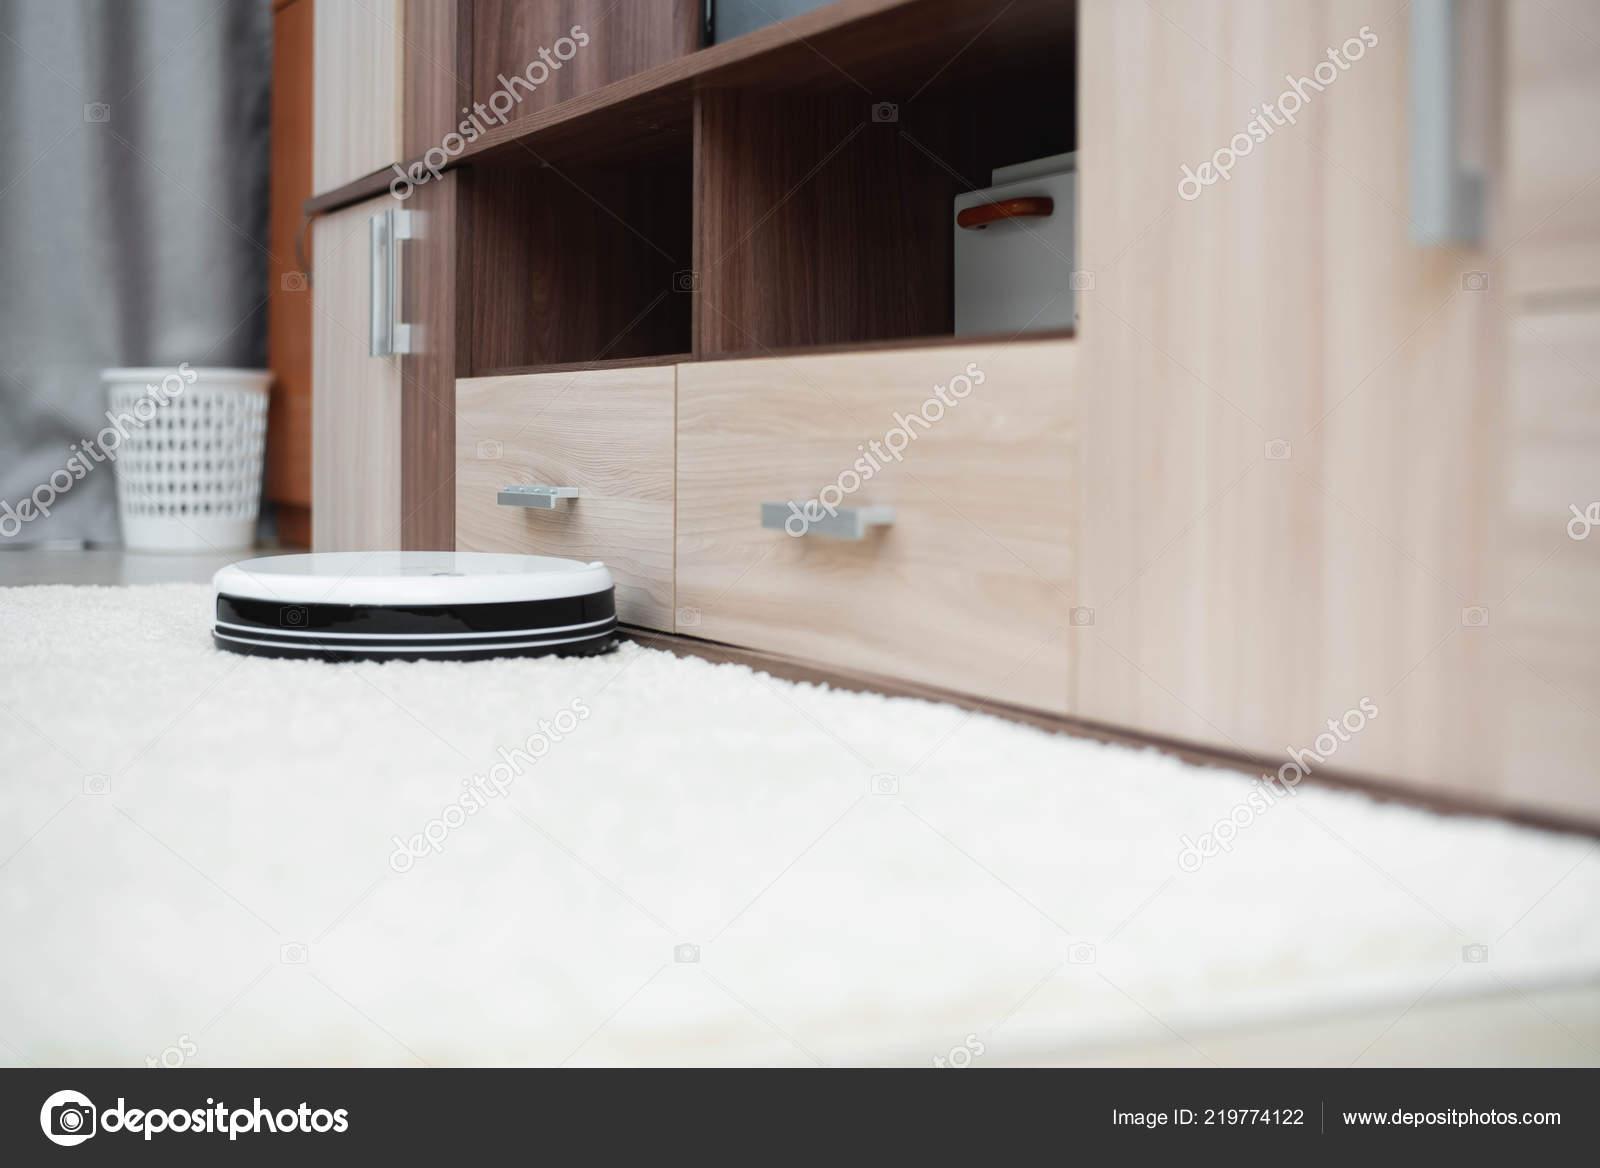 New White Clean Robot Vacuum Cleaner Laminate Floor Carpet